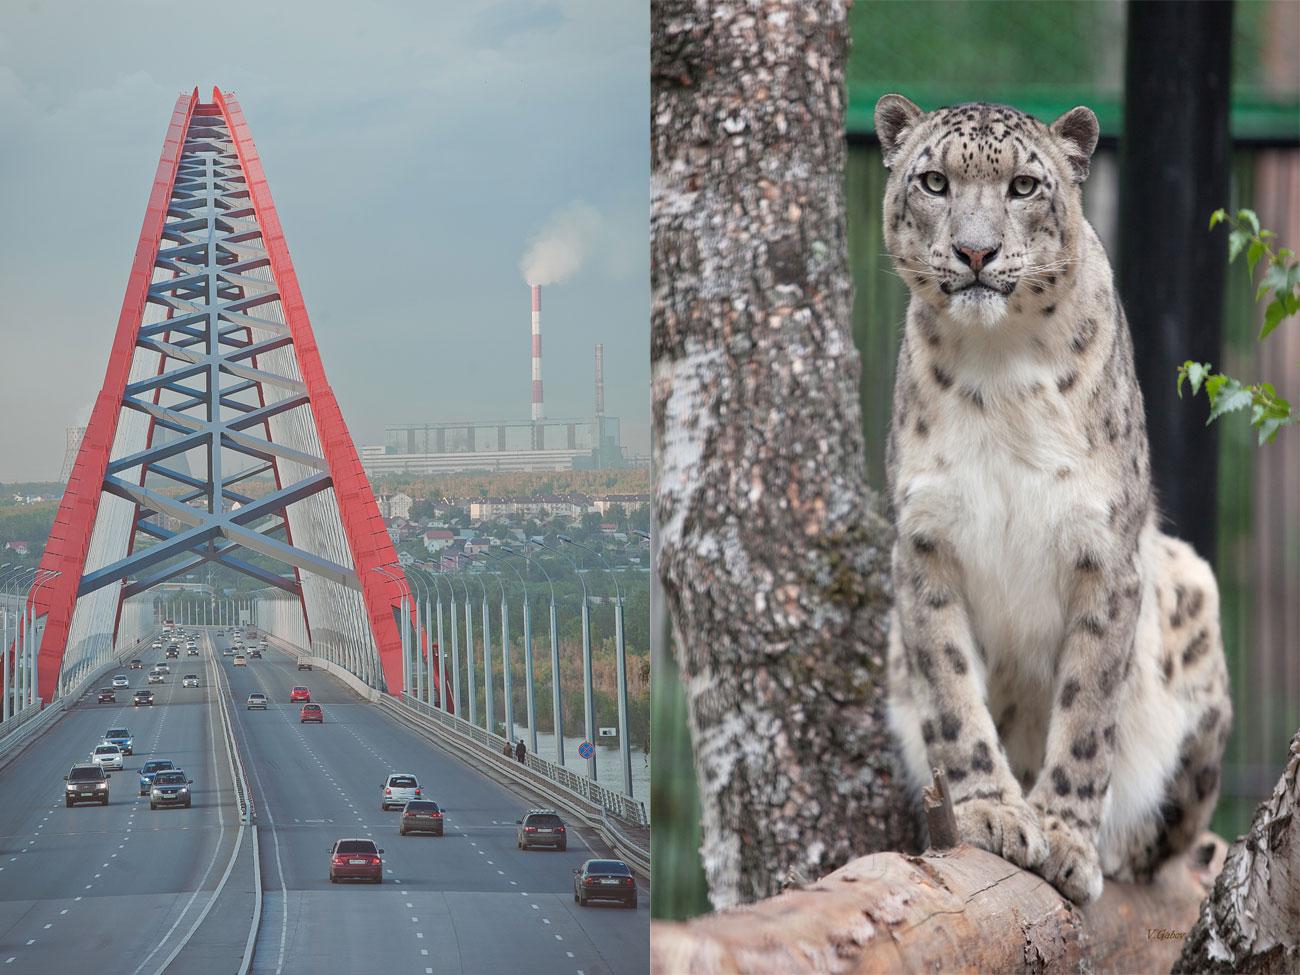 През август Централната банка планира да проведе гласуване, за да избере едно от 10-те най-номинирани предложения. / Новосибирск, най-големият град в Сибир, е известен с живописния си Бугрински мост и прочутата си зоологическа градина, където живее редкият снежен леопард.